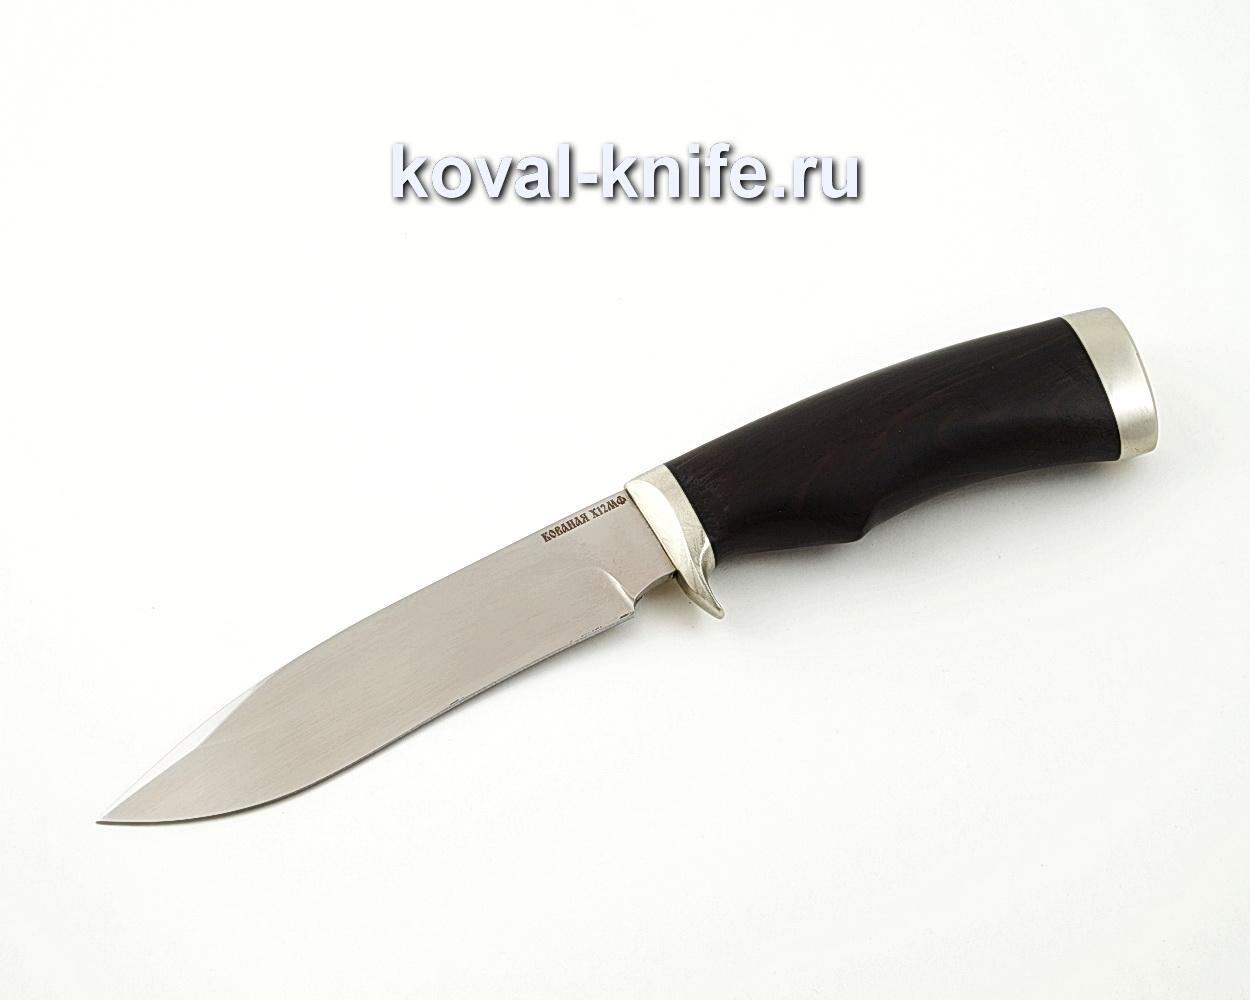 Нож Орлан из кованой стали Х12МФ с рукоятью из черного граба A563